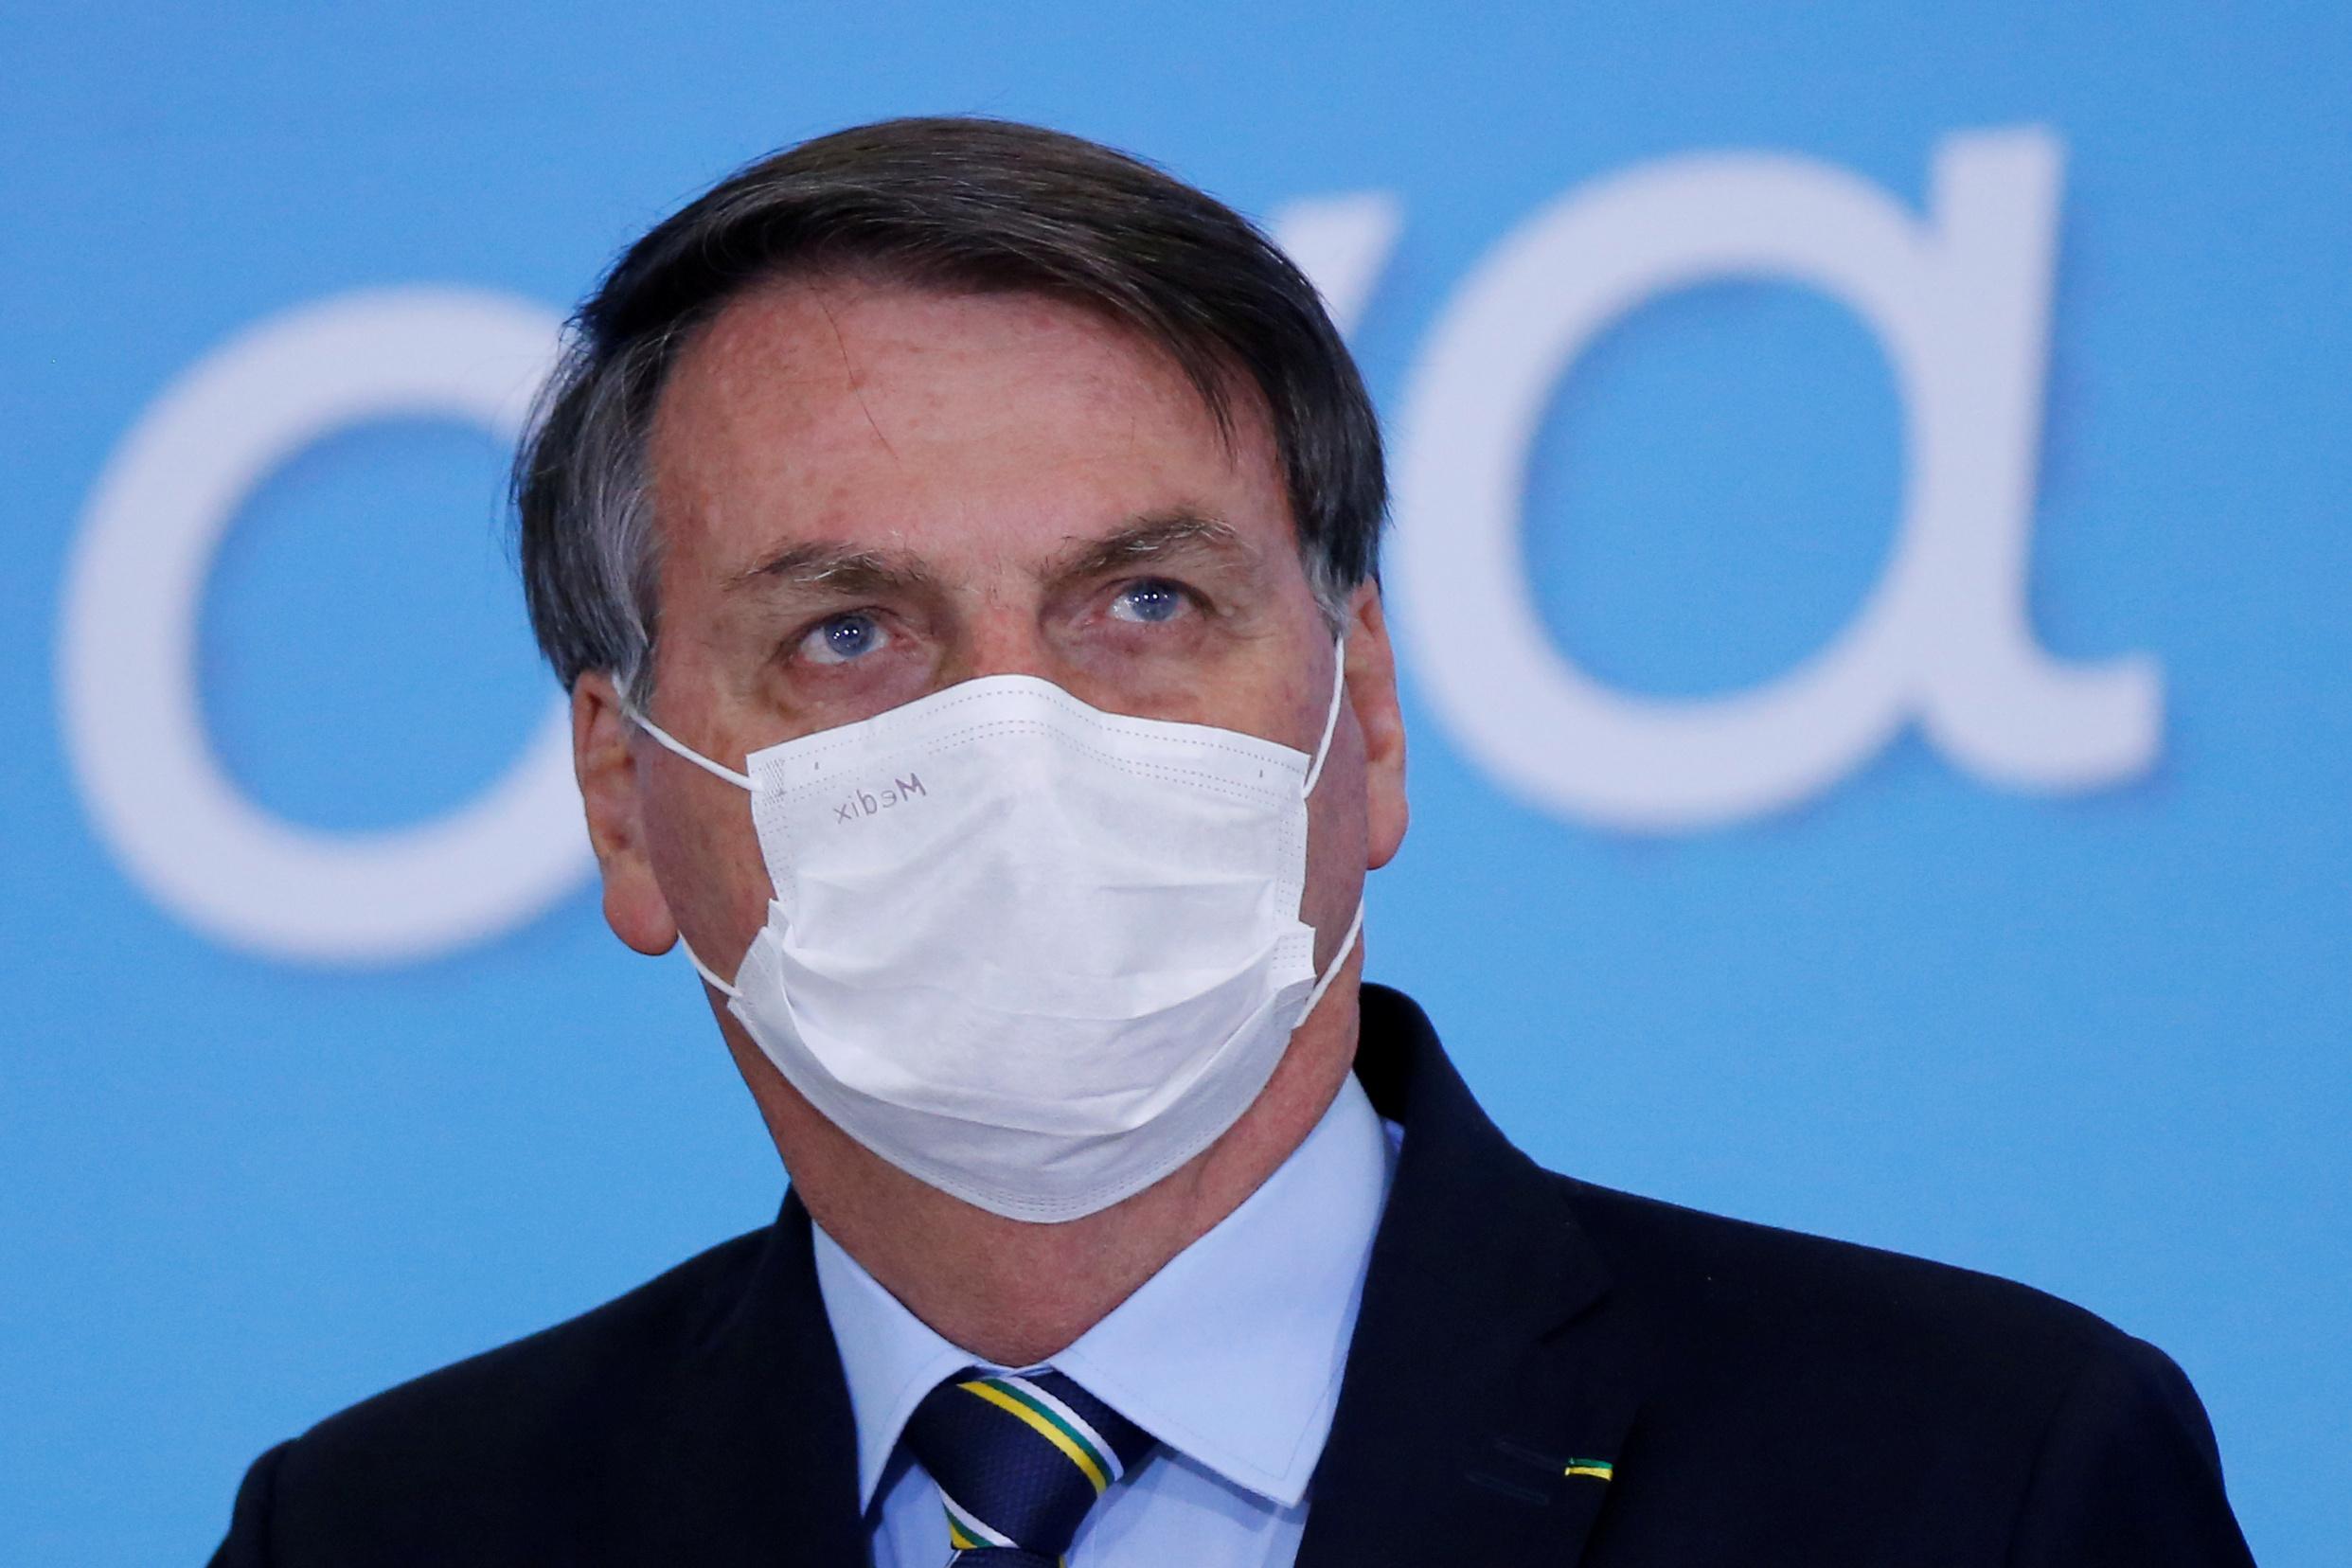 Μάσκα με το ζόρι θα φορά ο Μπολσονάρο – Η απόφαση του δικαστηρίου